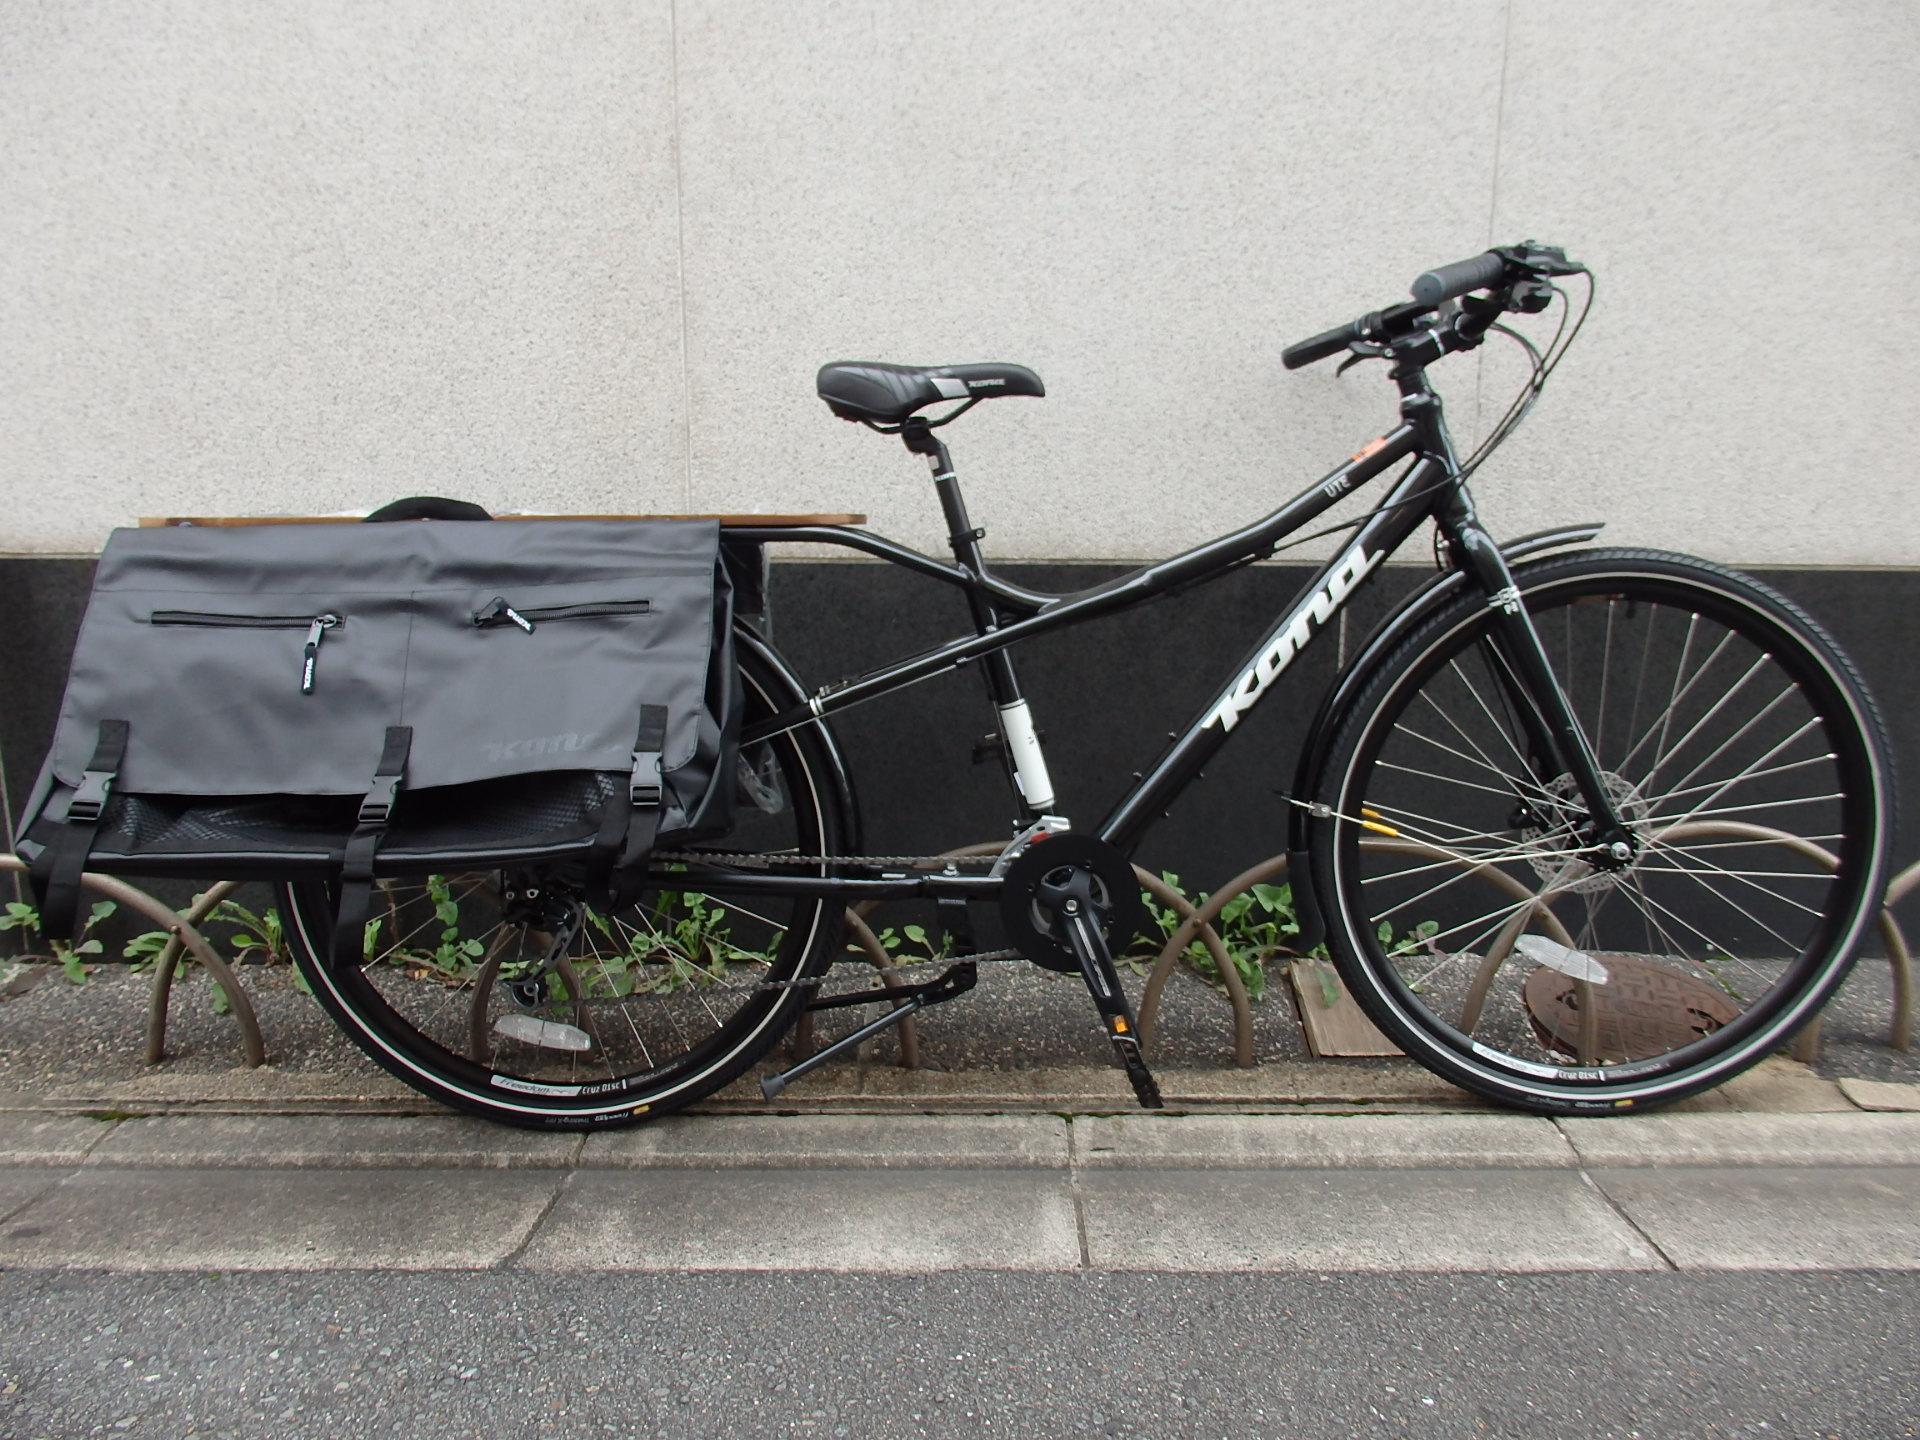 ... 自転車・新車販売 サイクル : 自転車 販売店 大手 : 自転車の